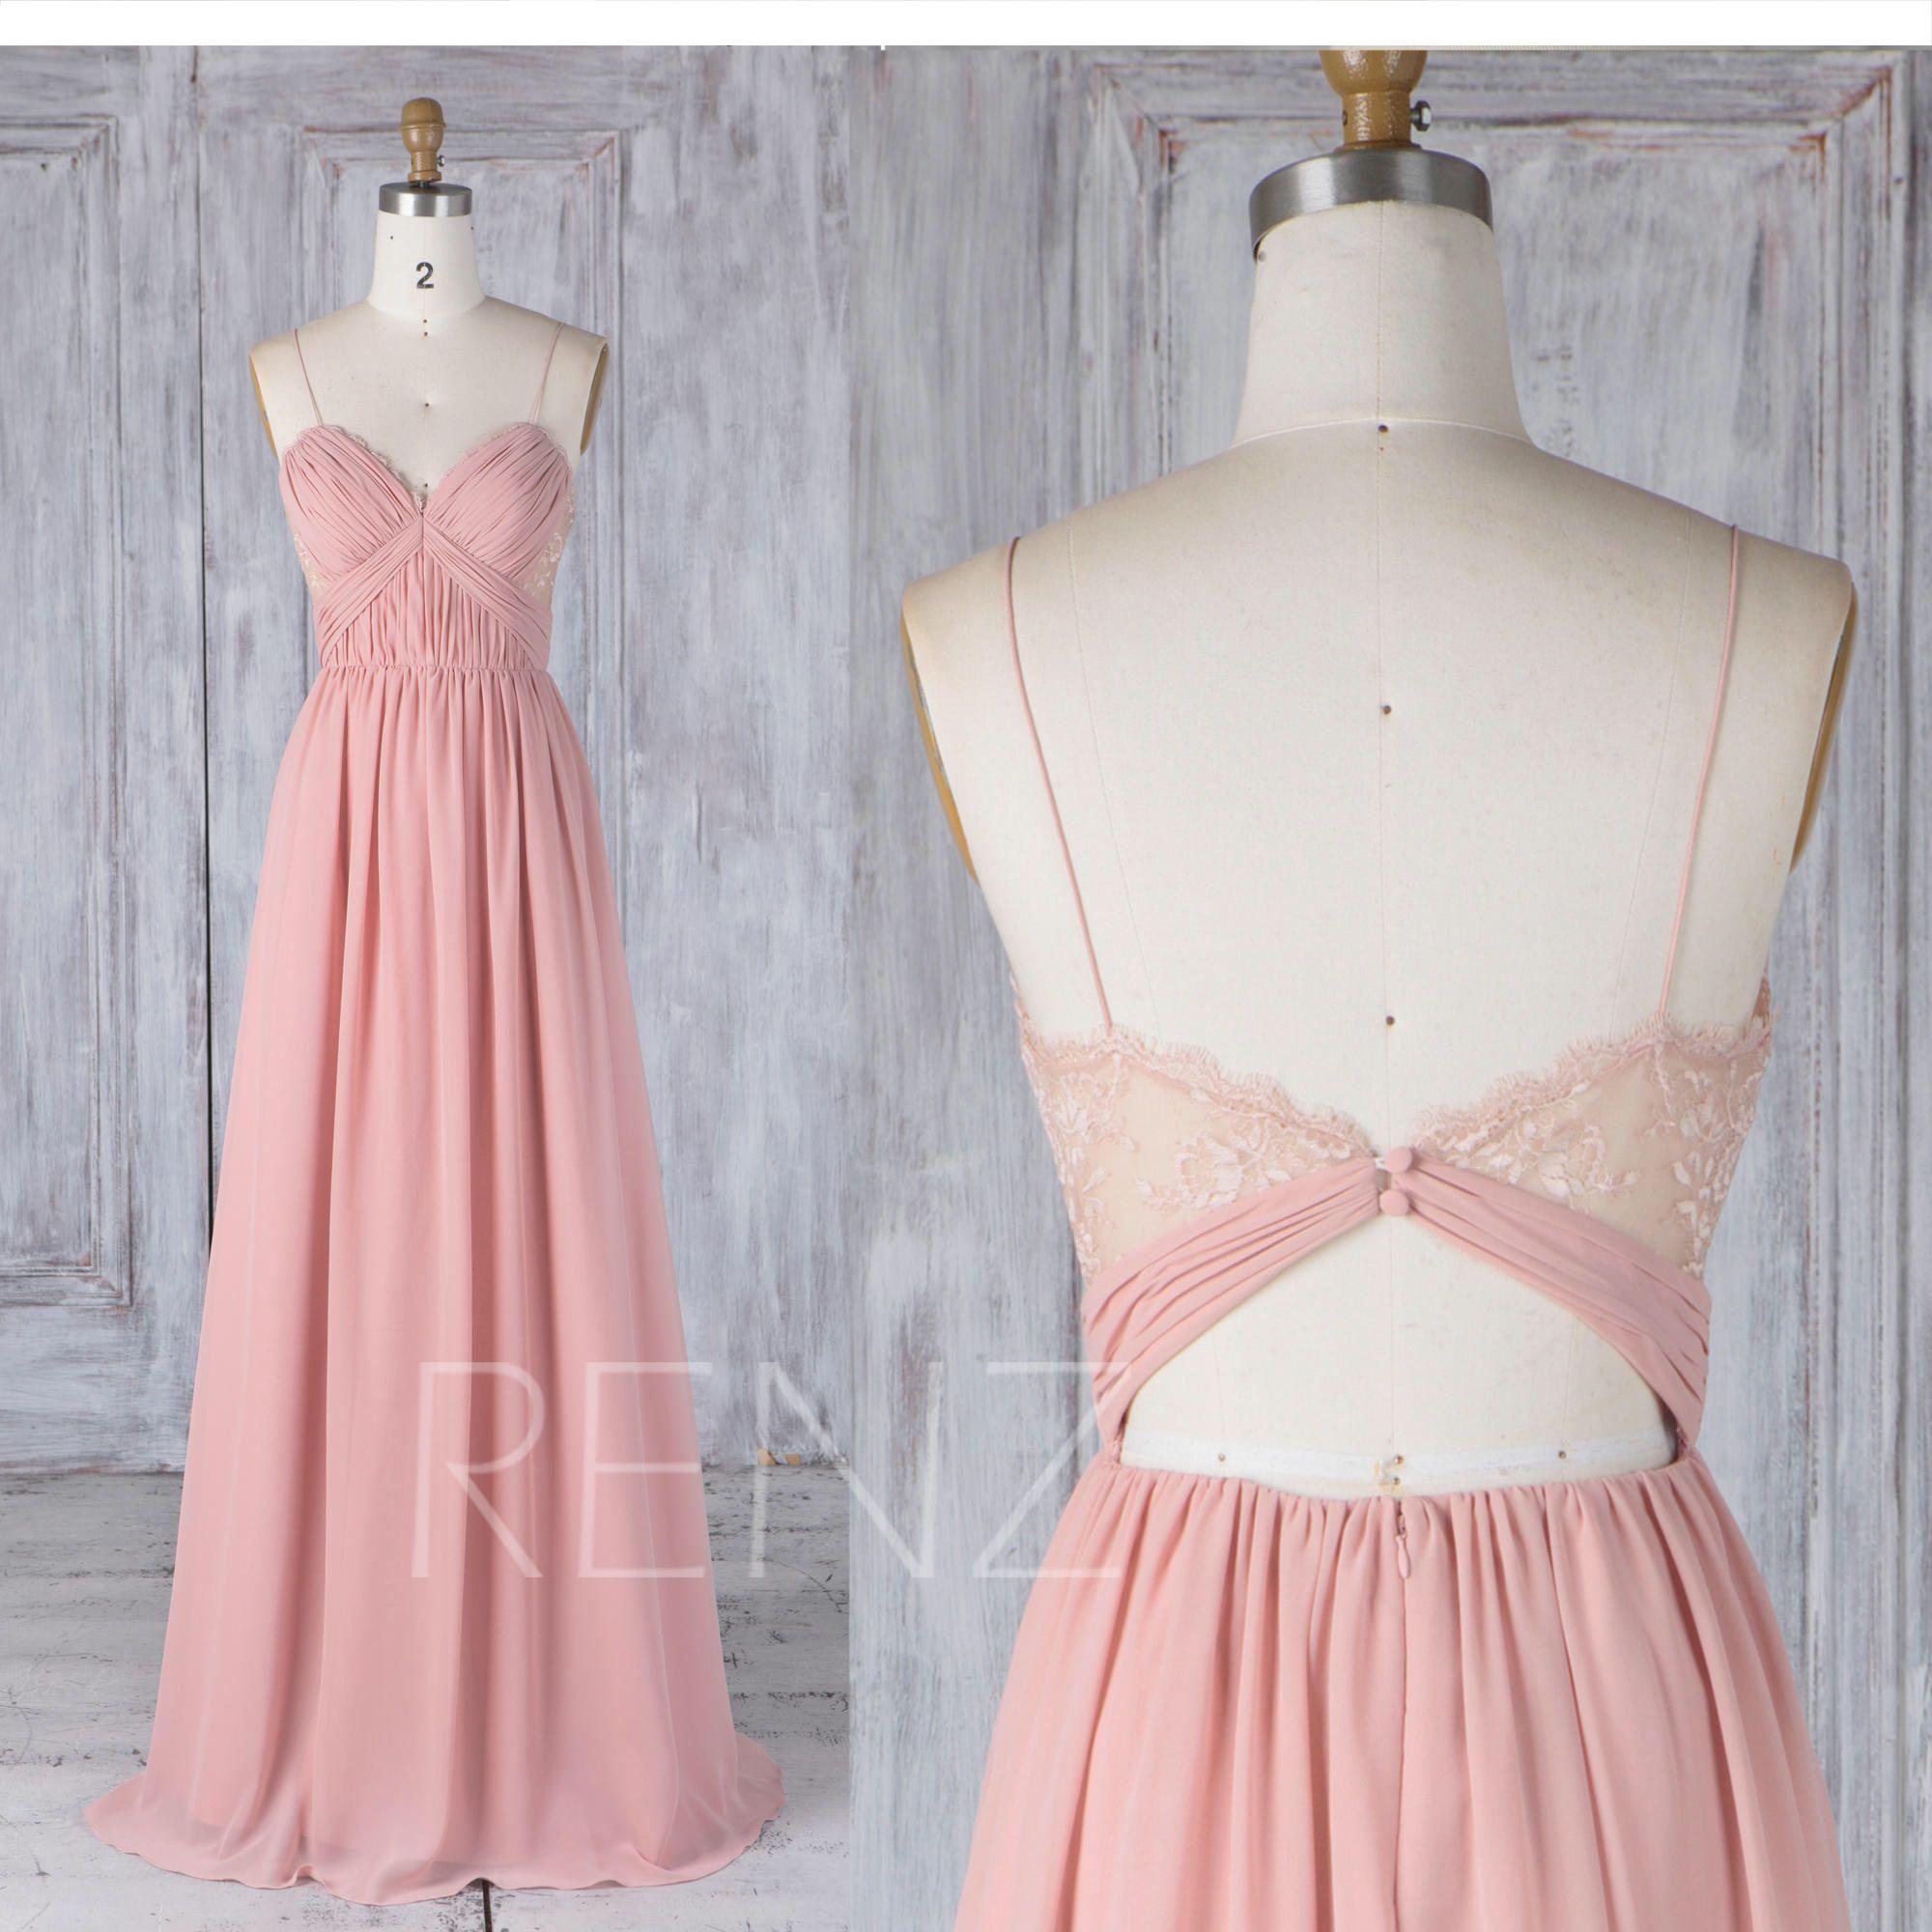 Bridesmaid Dress Blush Chiffon Ruched Sweetheart Wedding Dress ...